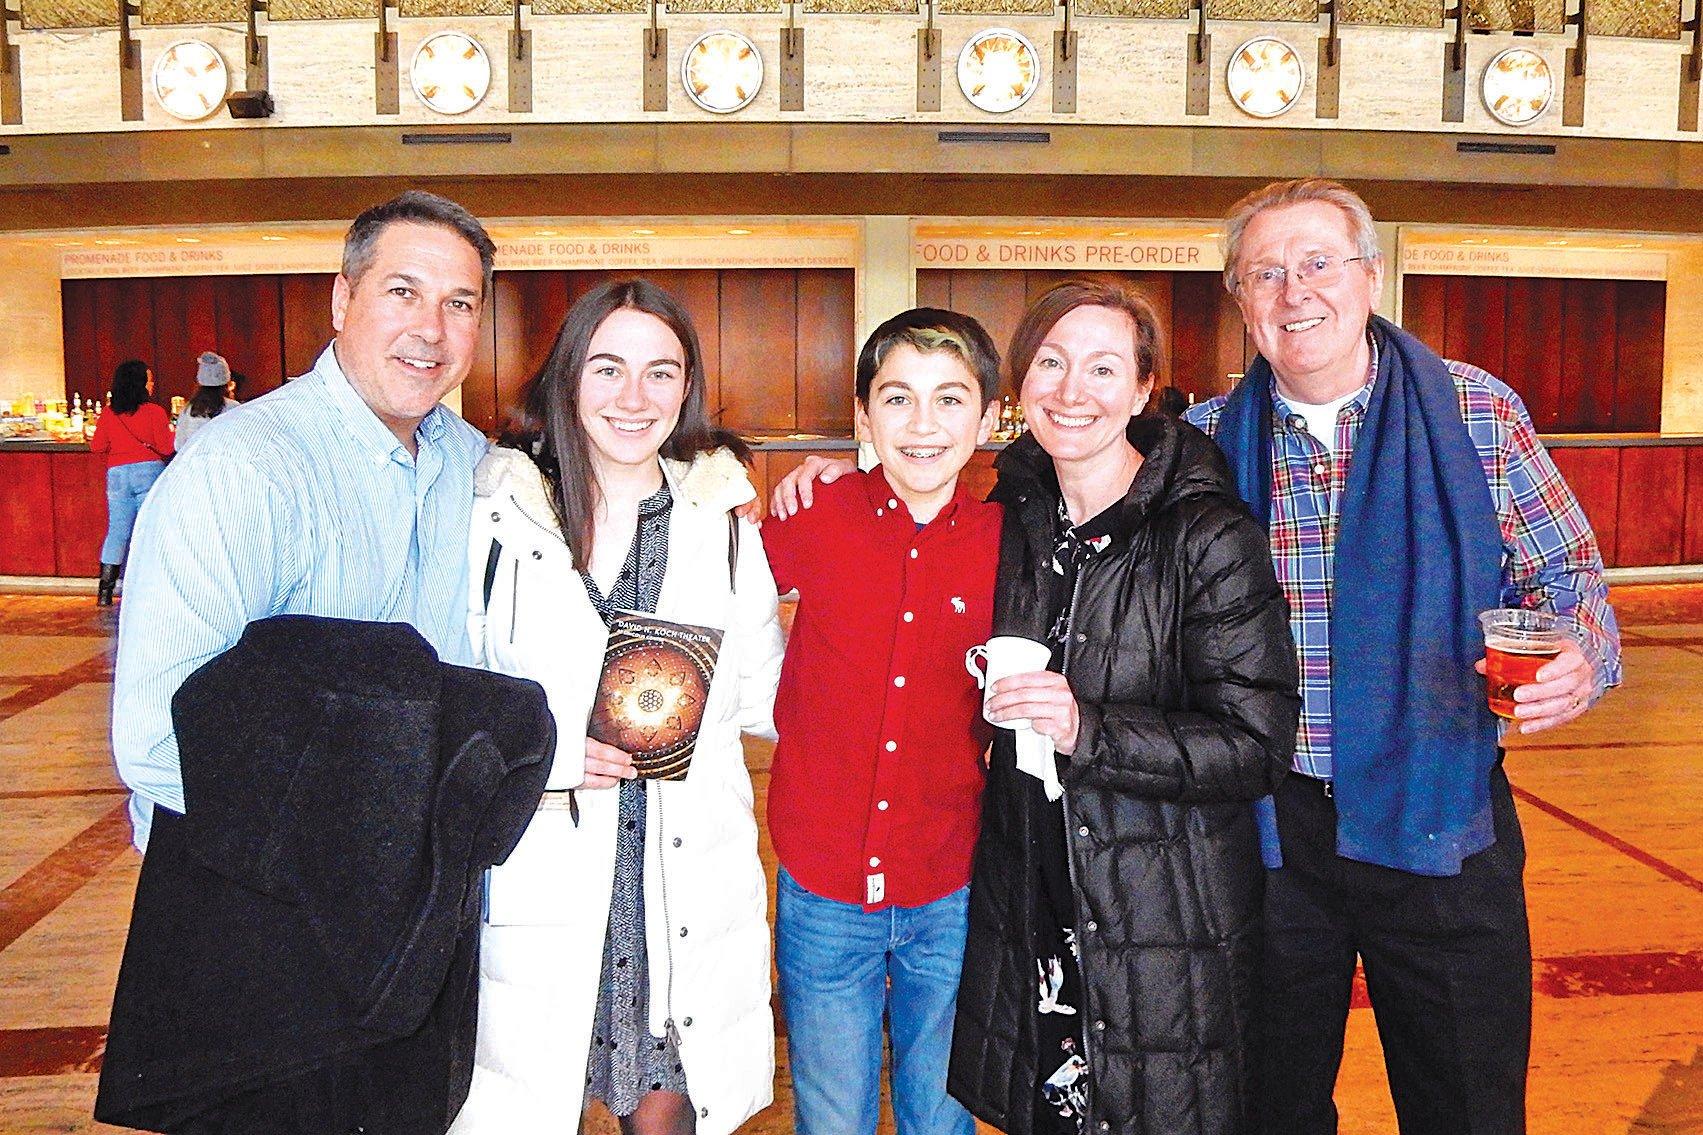 Innovation公司首席執行官博耶(右一)全家1月12日在紐約觀看了神韻演出,稱是「奇蹟」。(衛泳/大紀元)